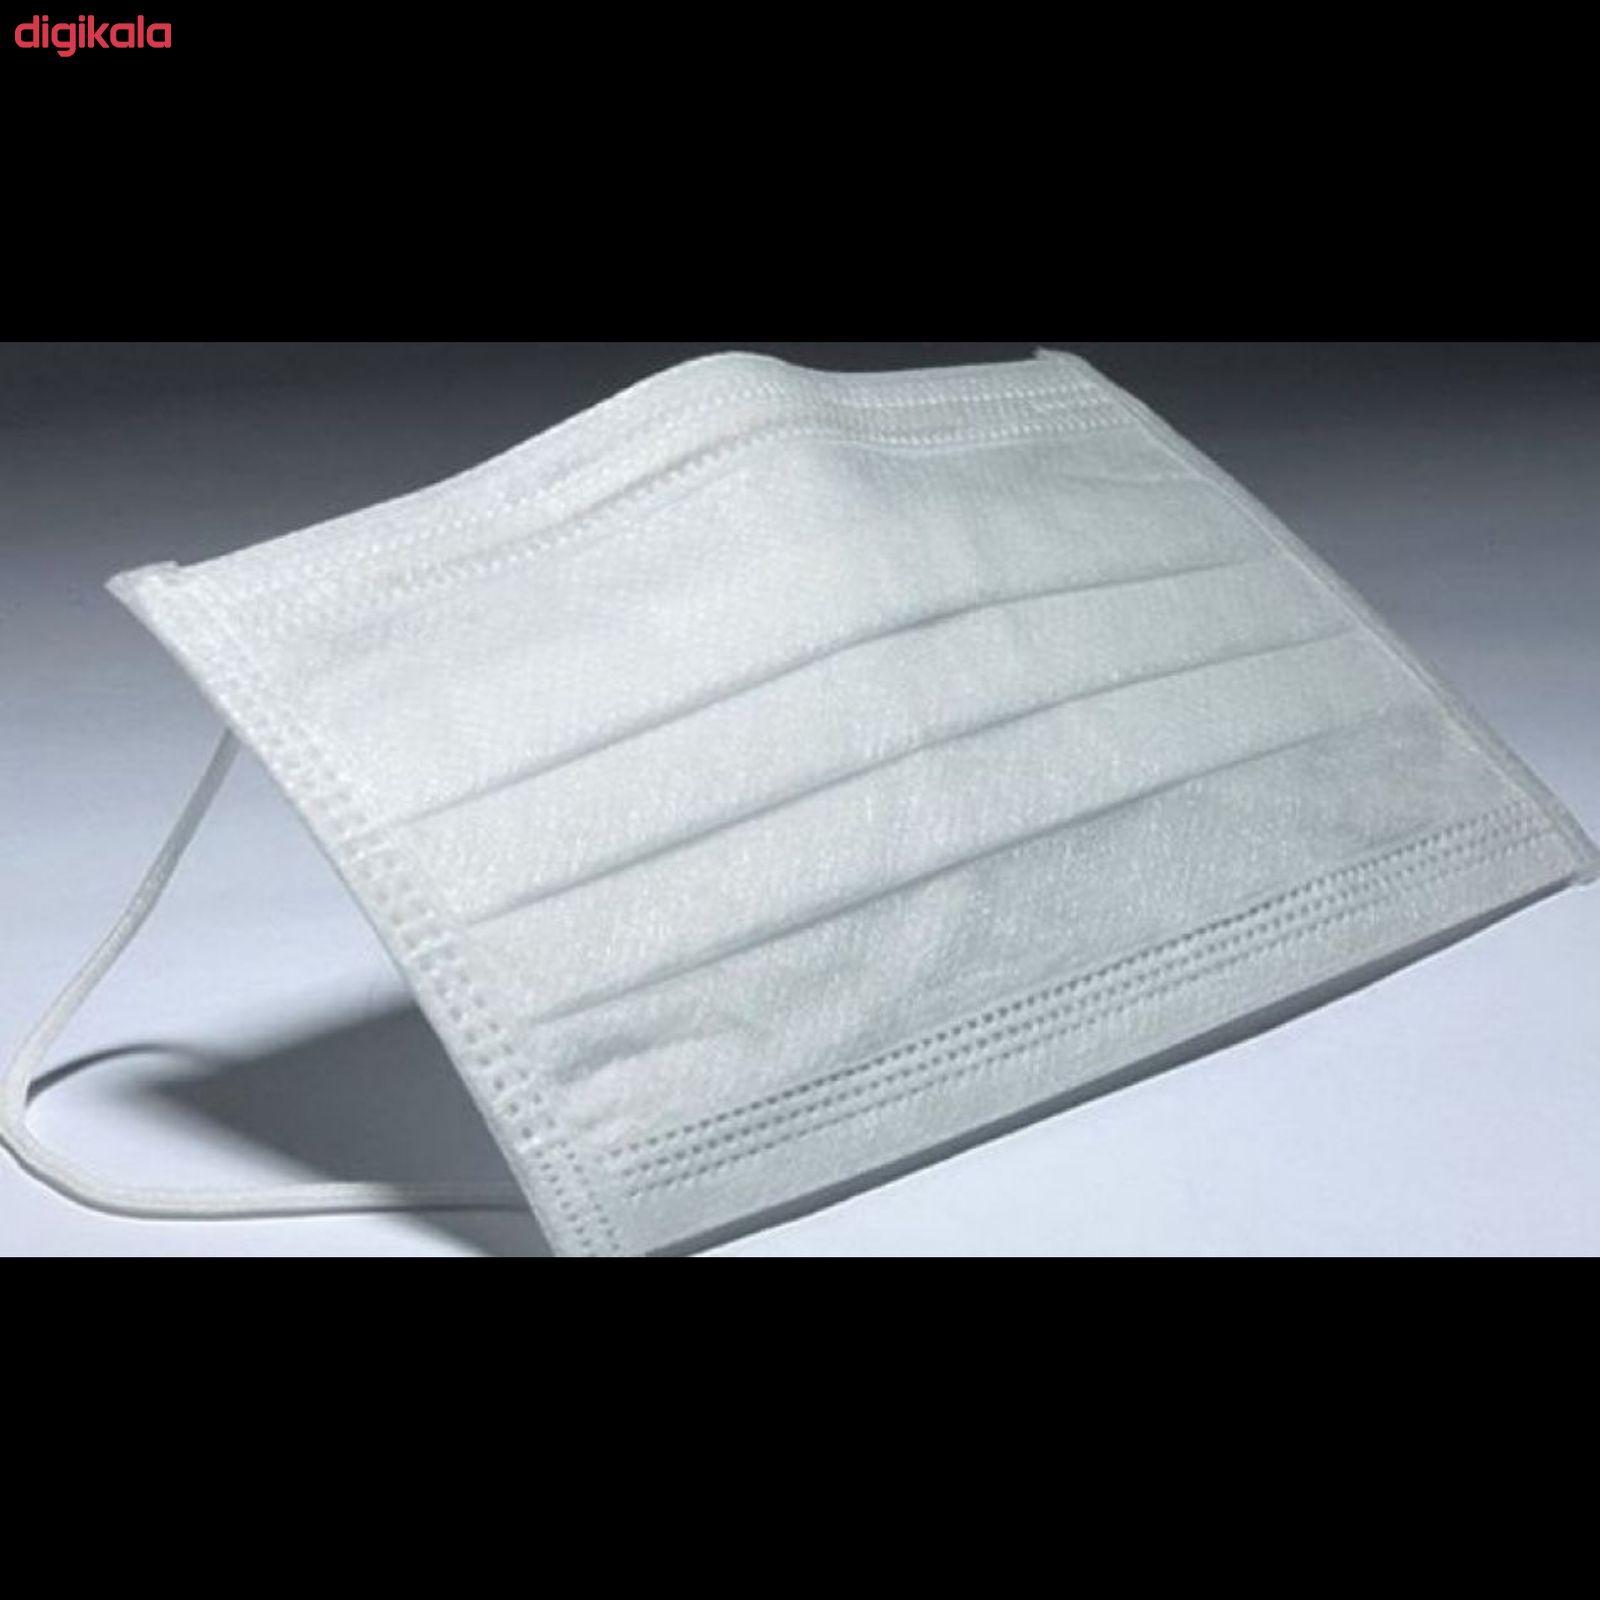 ماسک تنفسی وحدت مدل ملت بلون بسته 50 عددی main 1 3